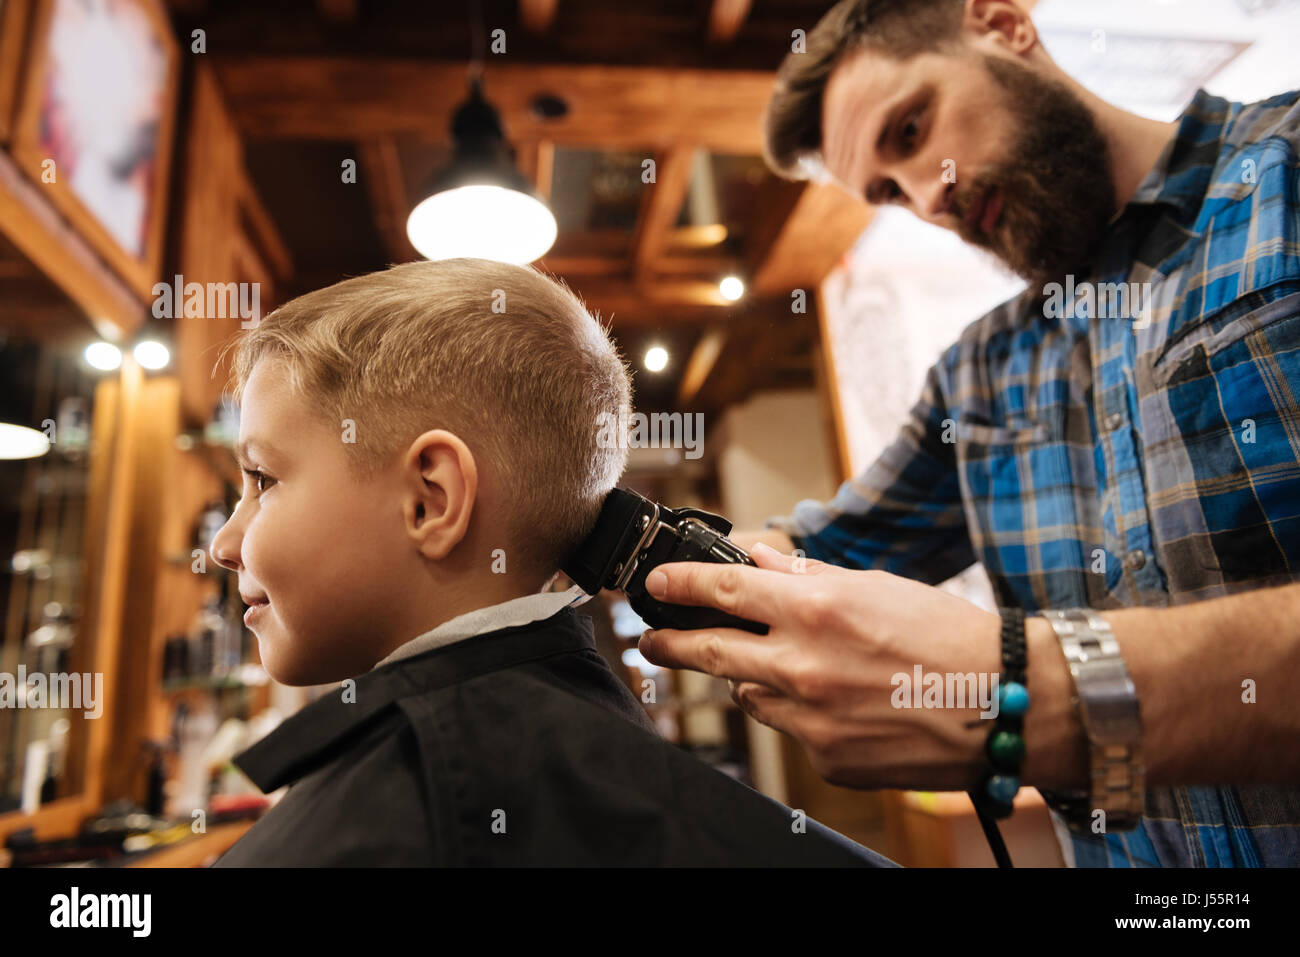 Belle coiffure barbu faisant la décote Photo Stock